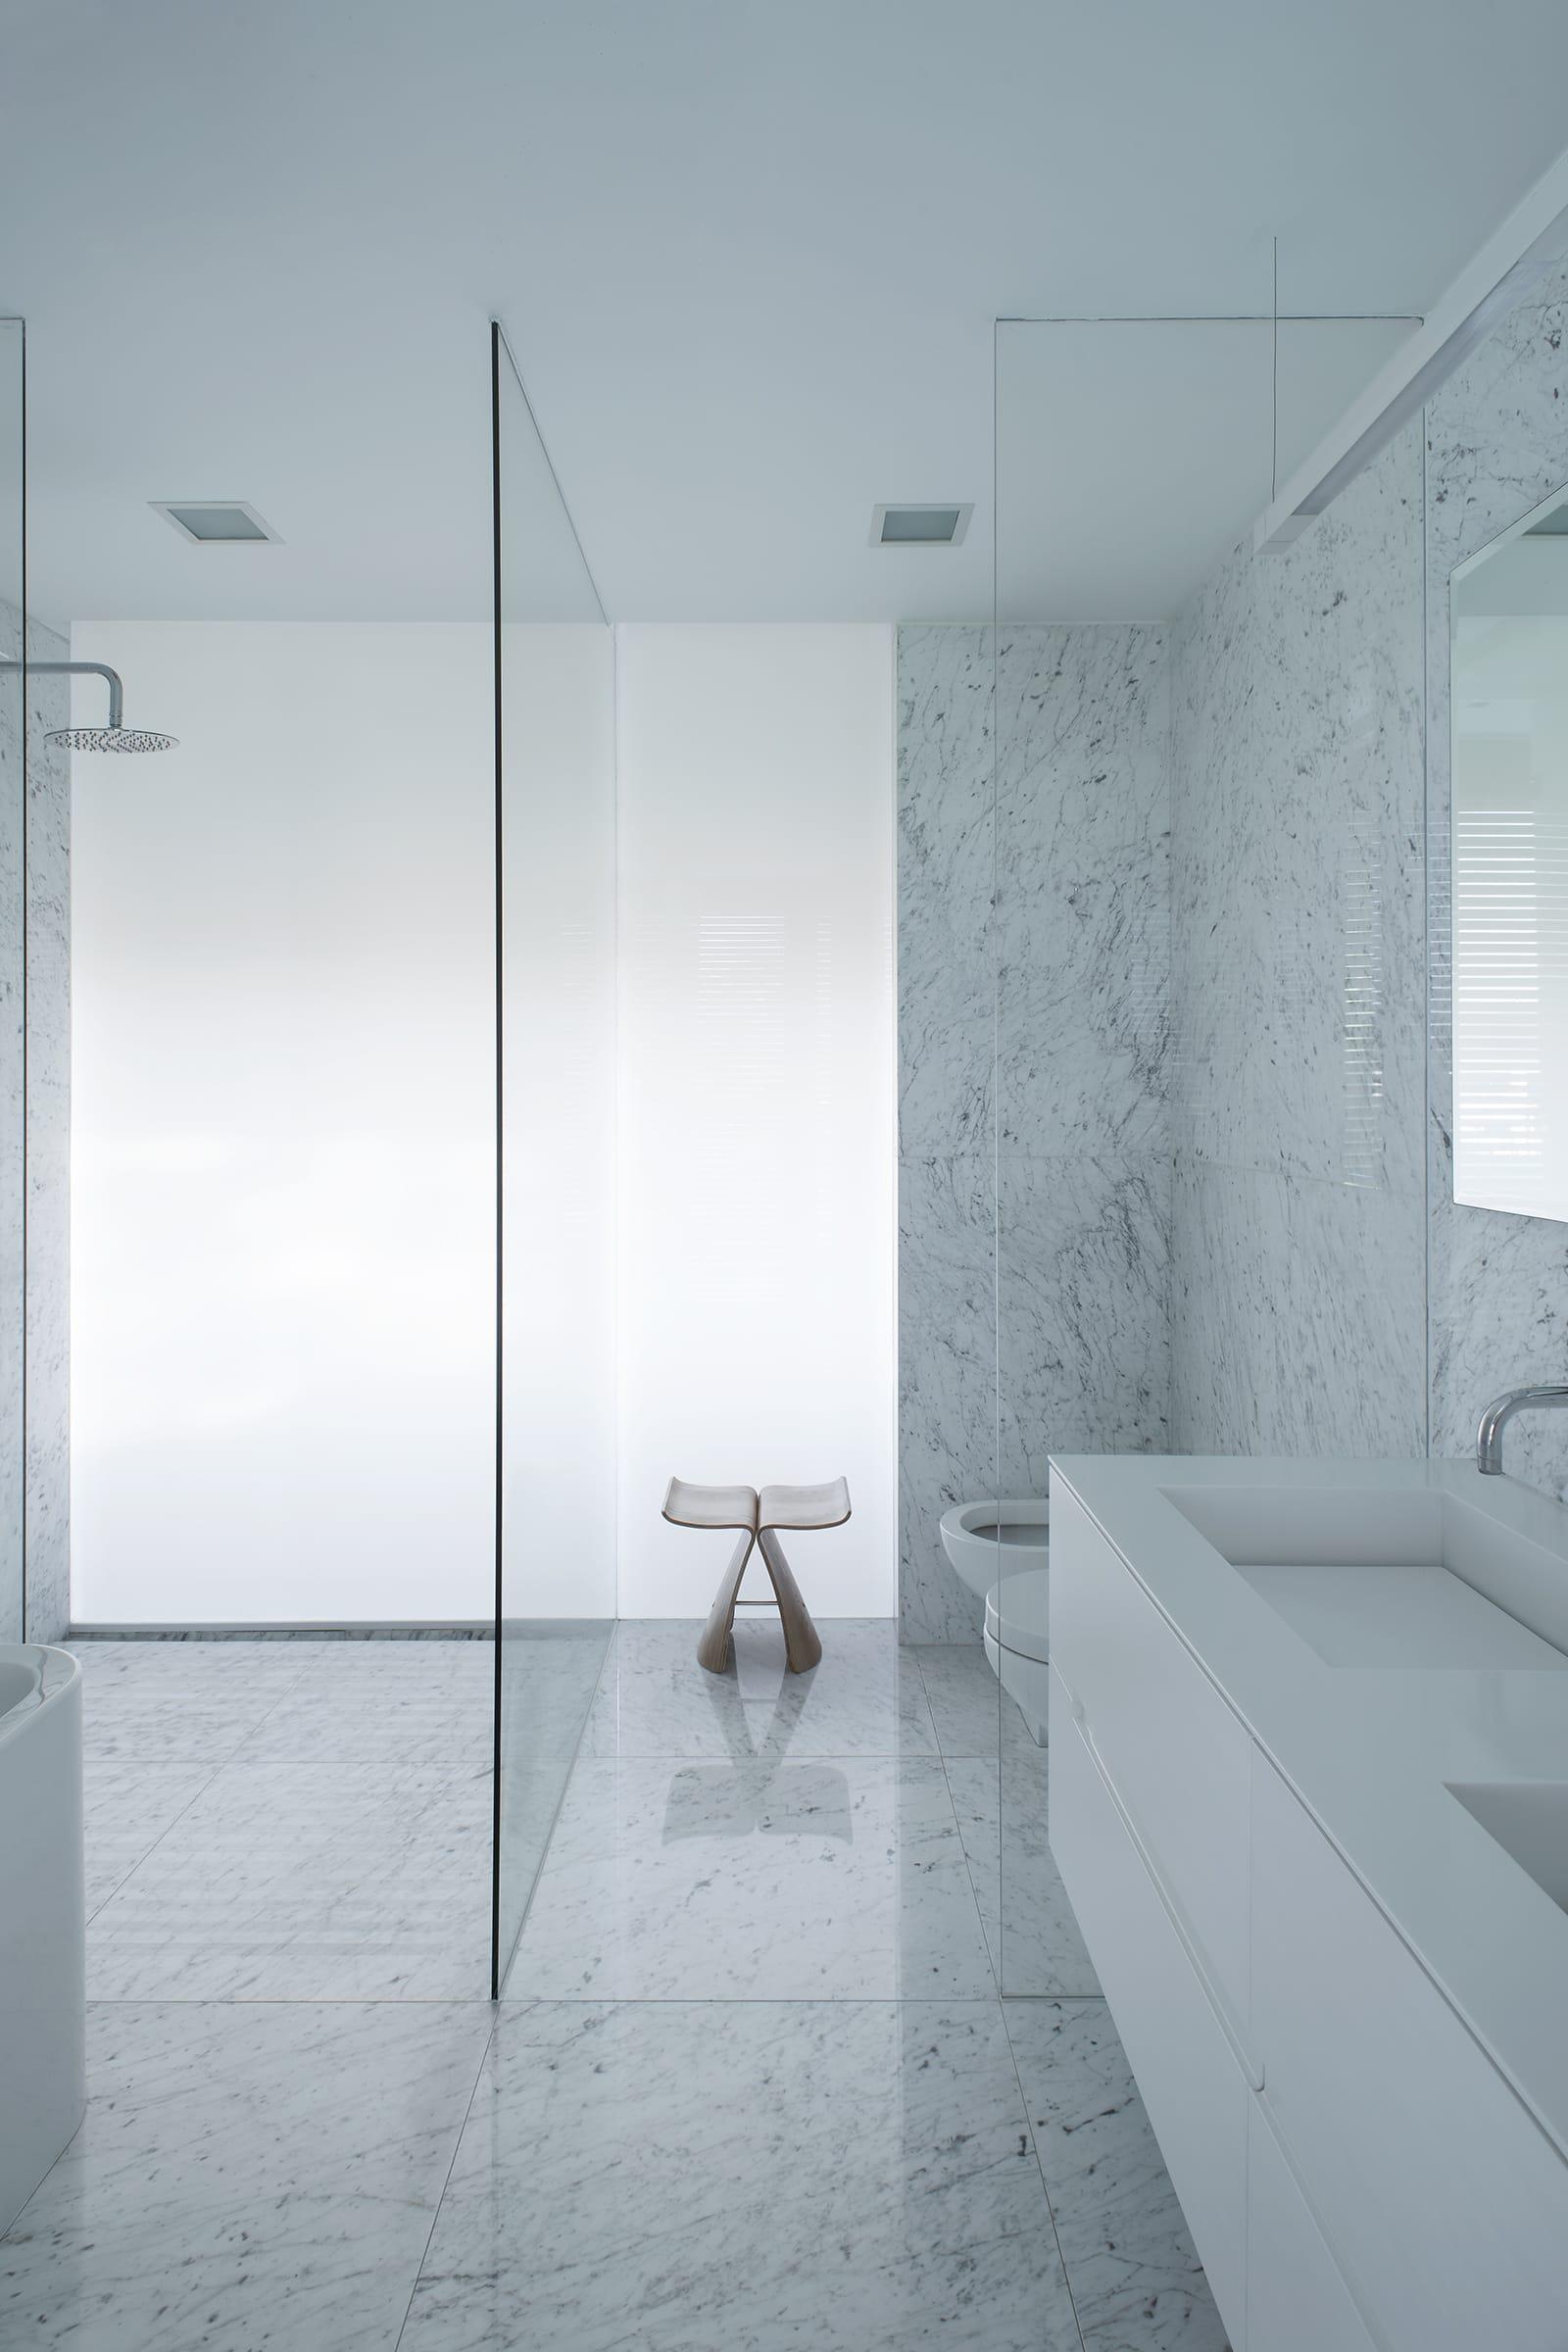 Una pared de vidrio blanco lleva luz natural difusa al interior de los baños.